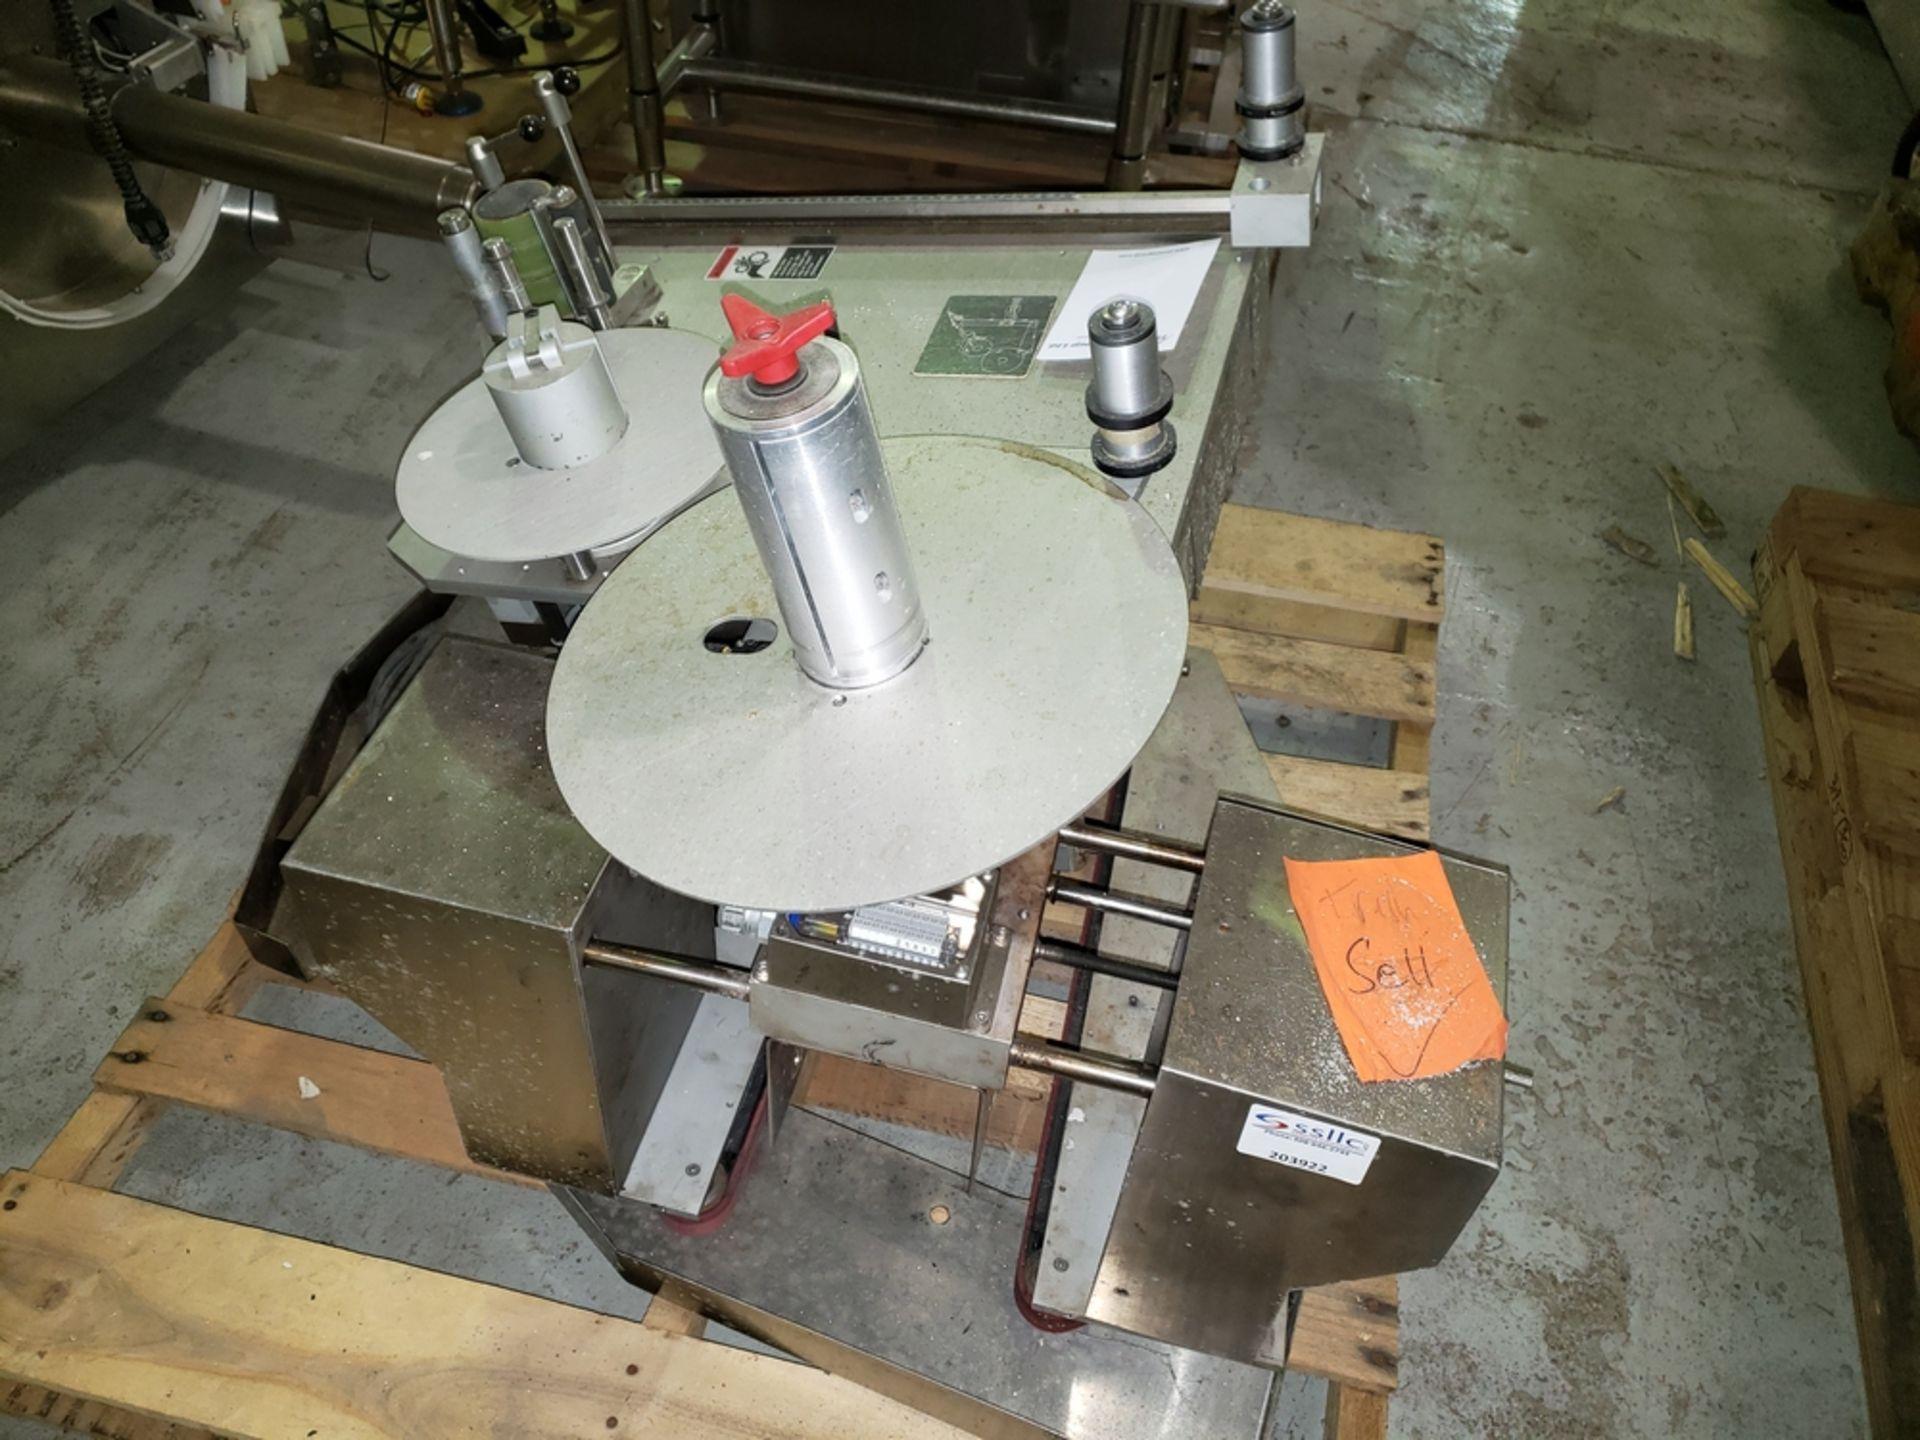 Lot 27 - NJM/CLE spare labeler head, model 318, serial # 318VR-340-M09I007, built 2009.